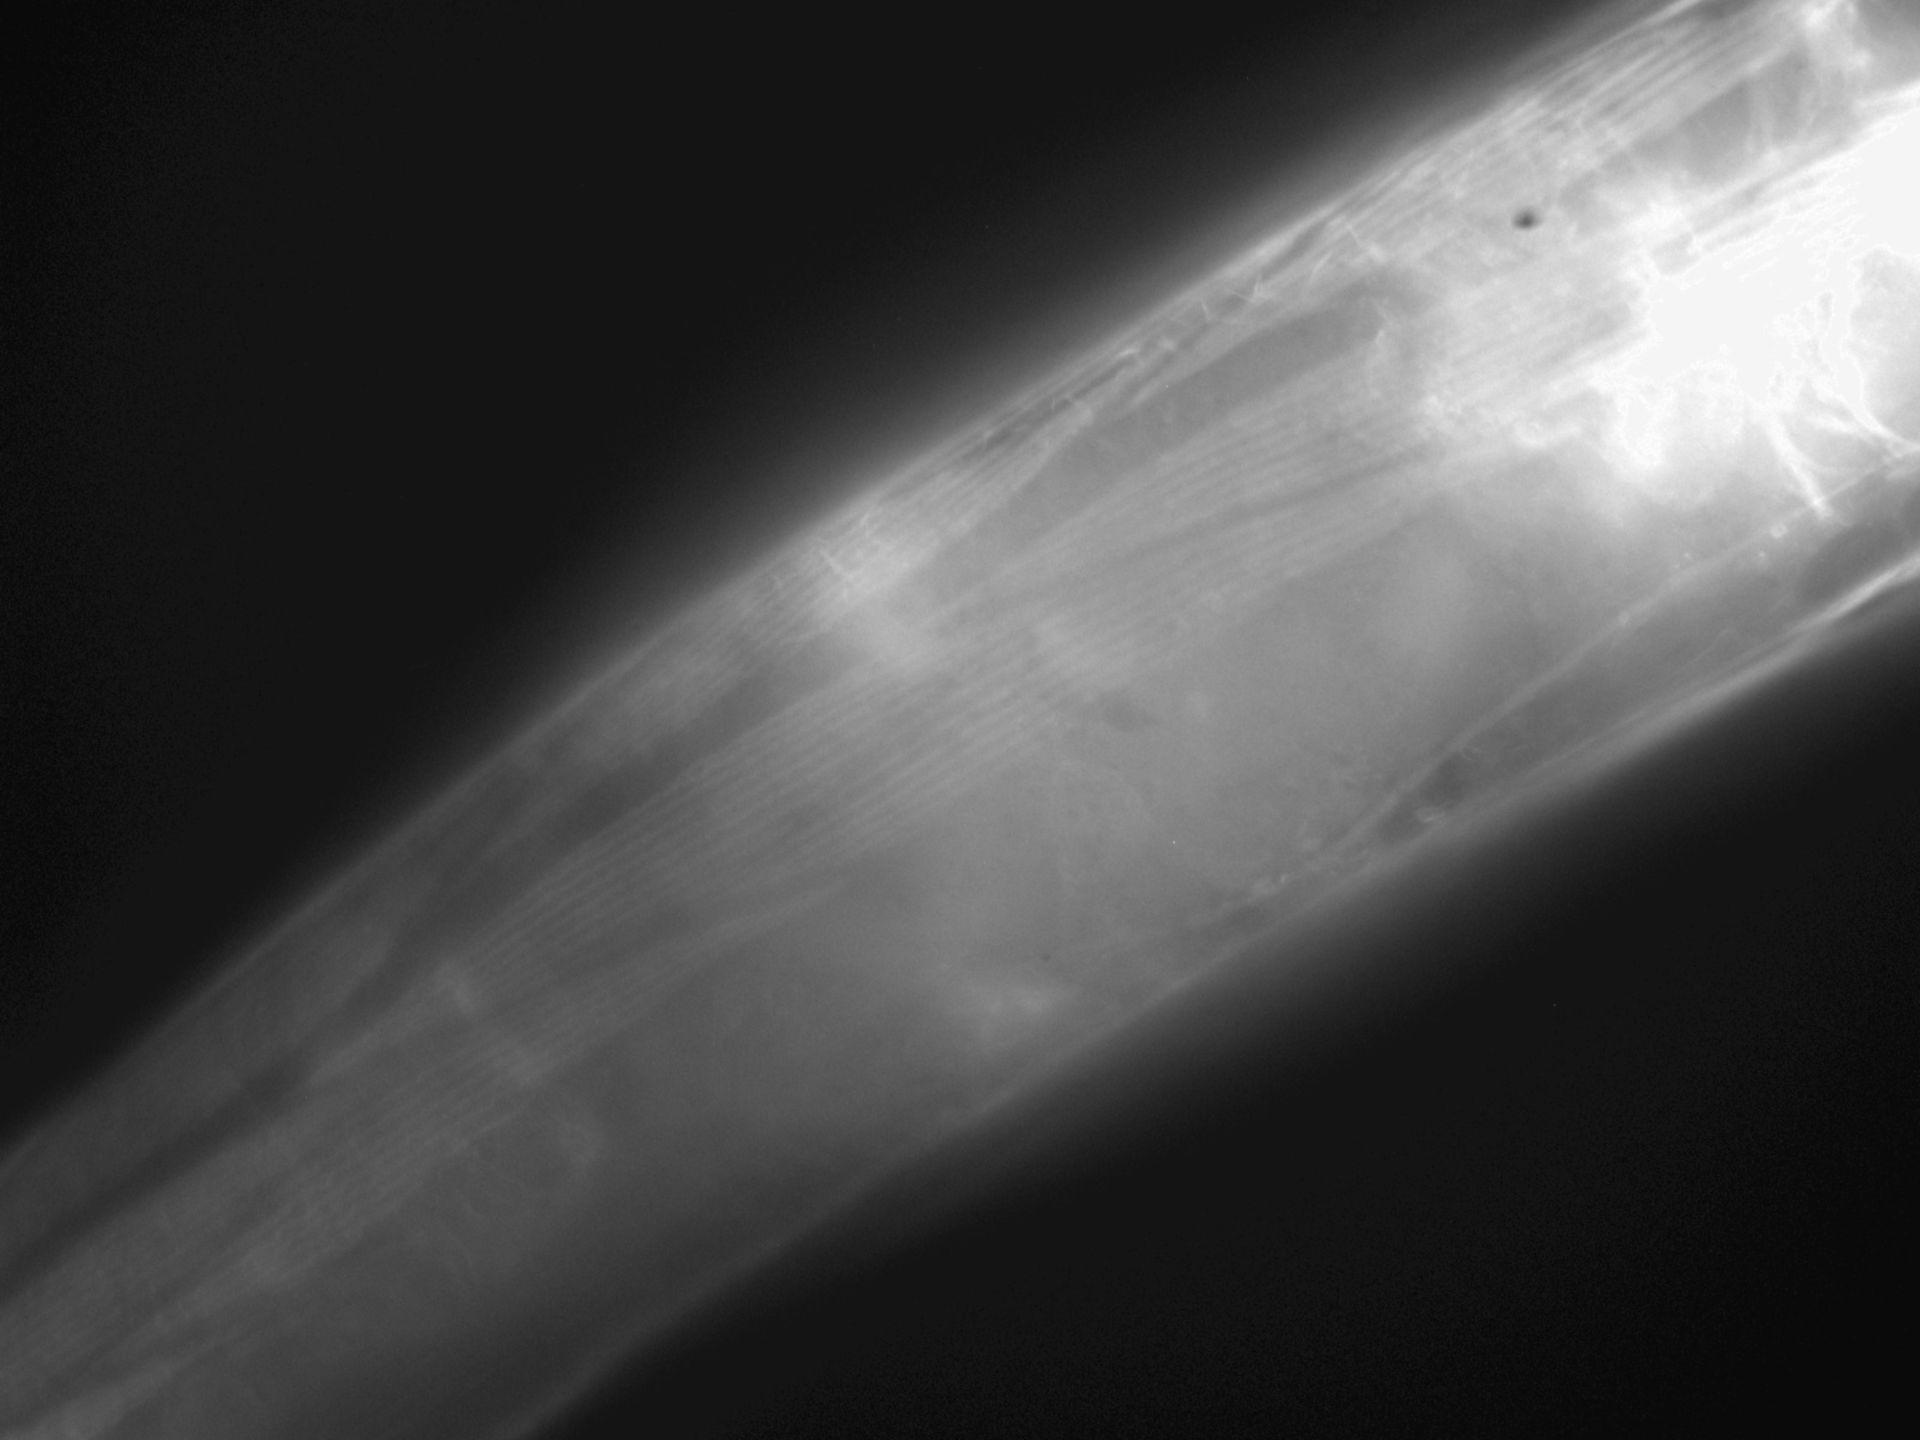 Caenorhabditis elegans (Actin filament) - CIL:1290